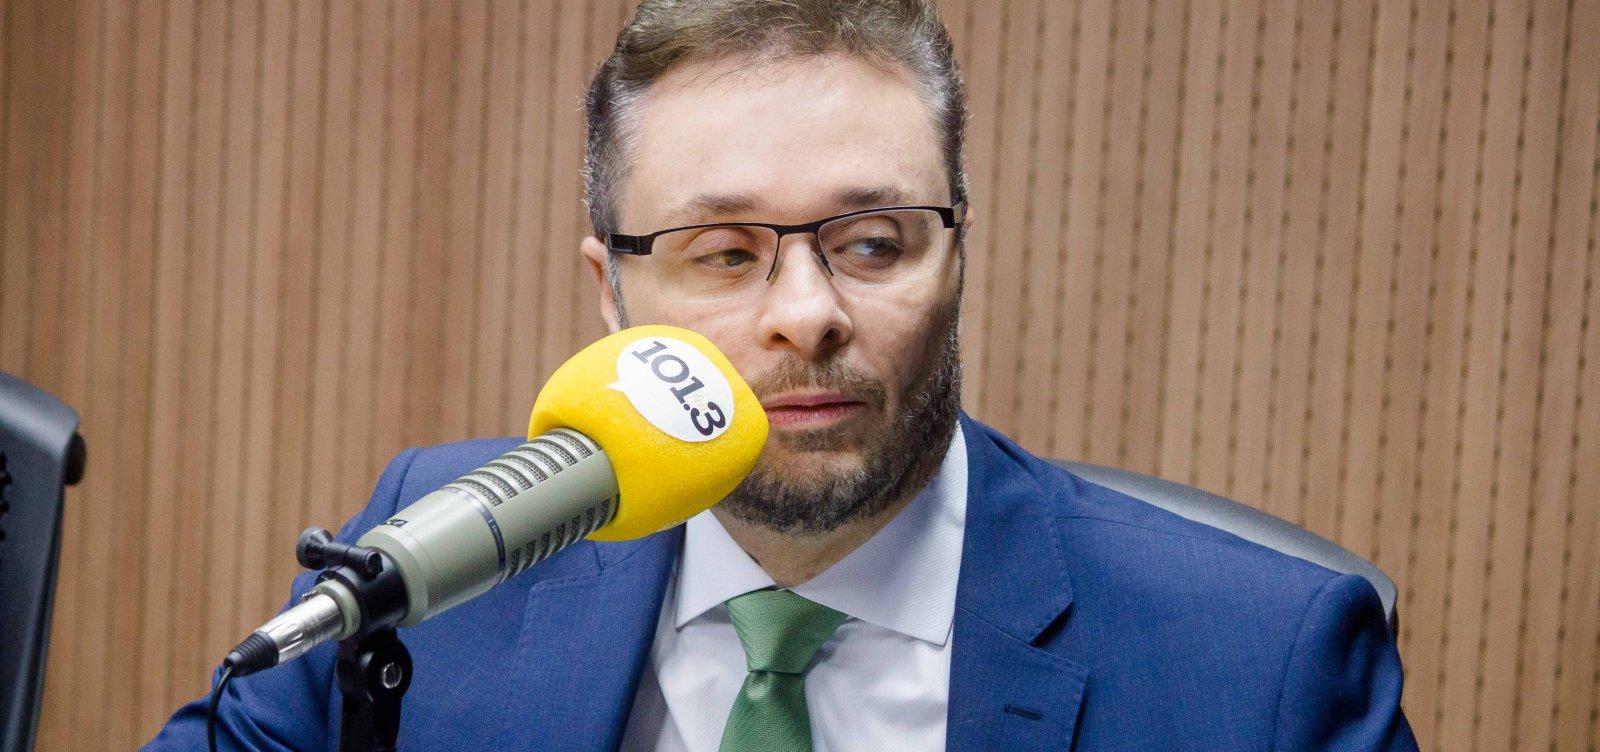 [Secretário da Fazenda compreende protestos, mas defende reformas na Bahia]